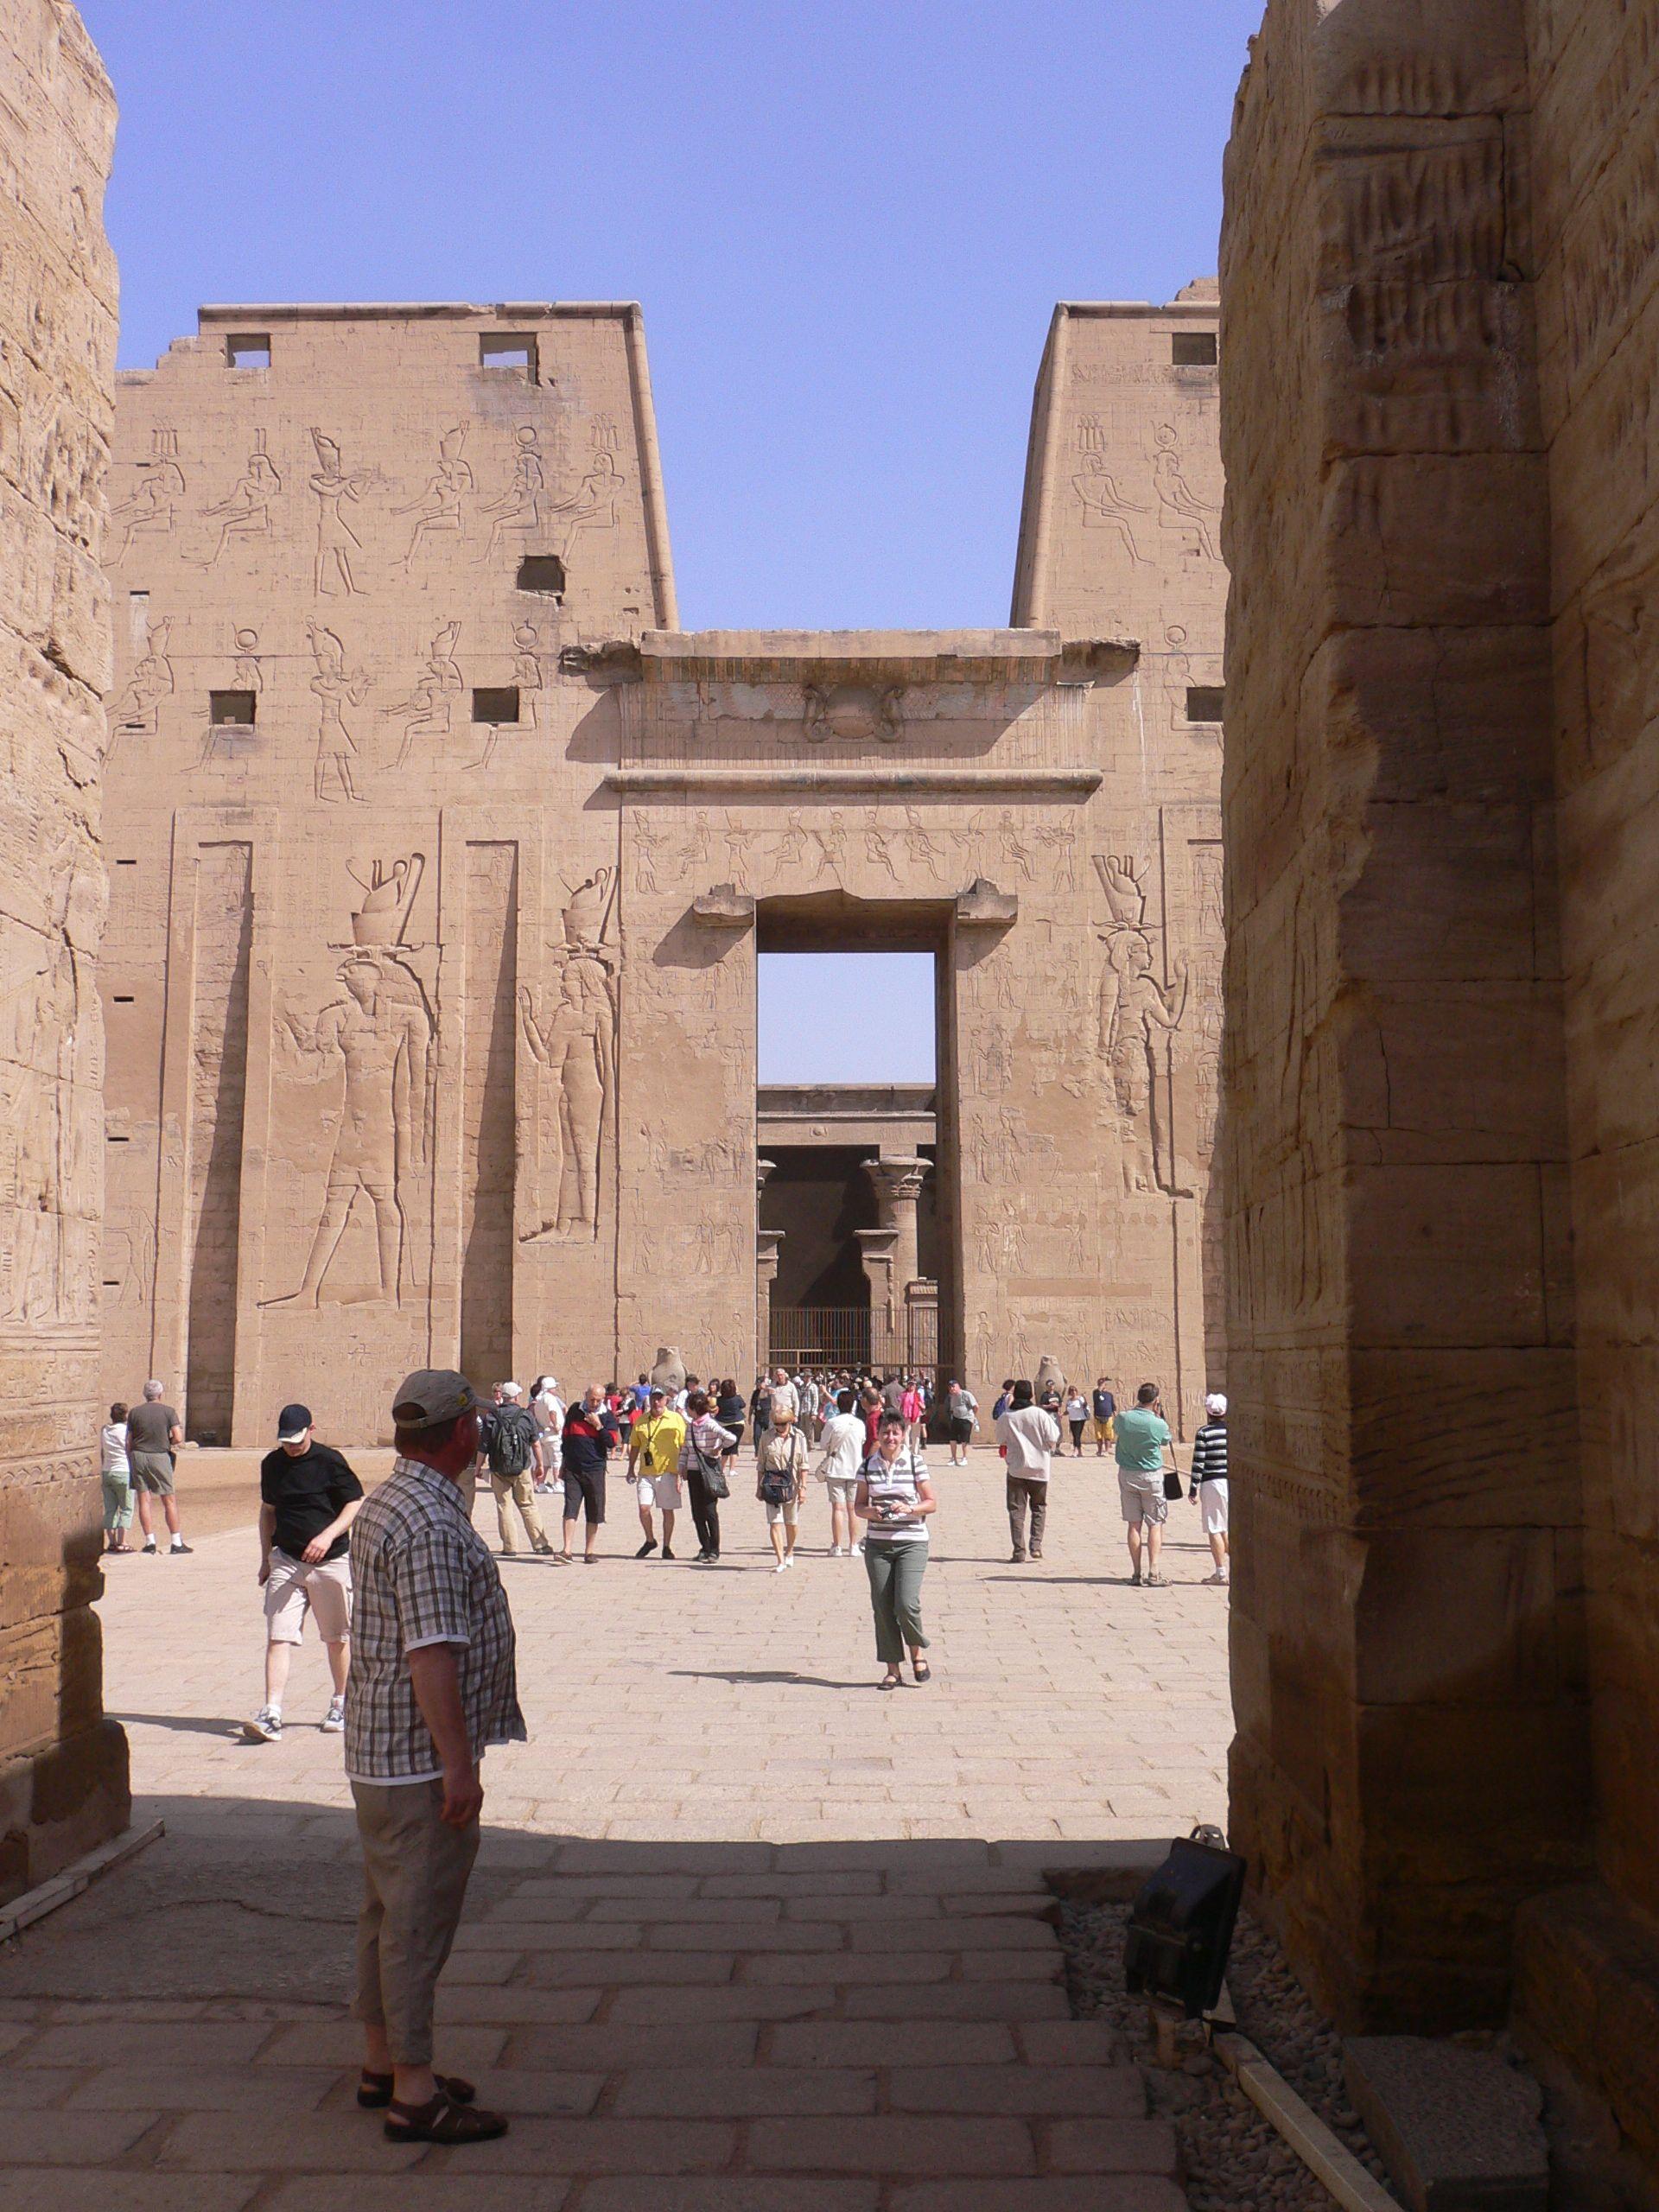 """Risulta essere l'archetipo del tempio egizio con struttura """"a cannocchiale"""" con una teoria di sale sempre più piccole e sempre più buie fino al sacrario del naos completamente avvolto nell'oscurità. Esattamente il contrario della tipologia del tempio solare."""